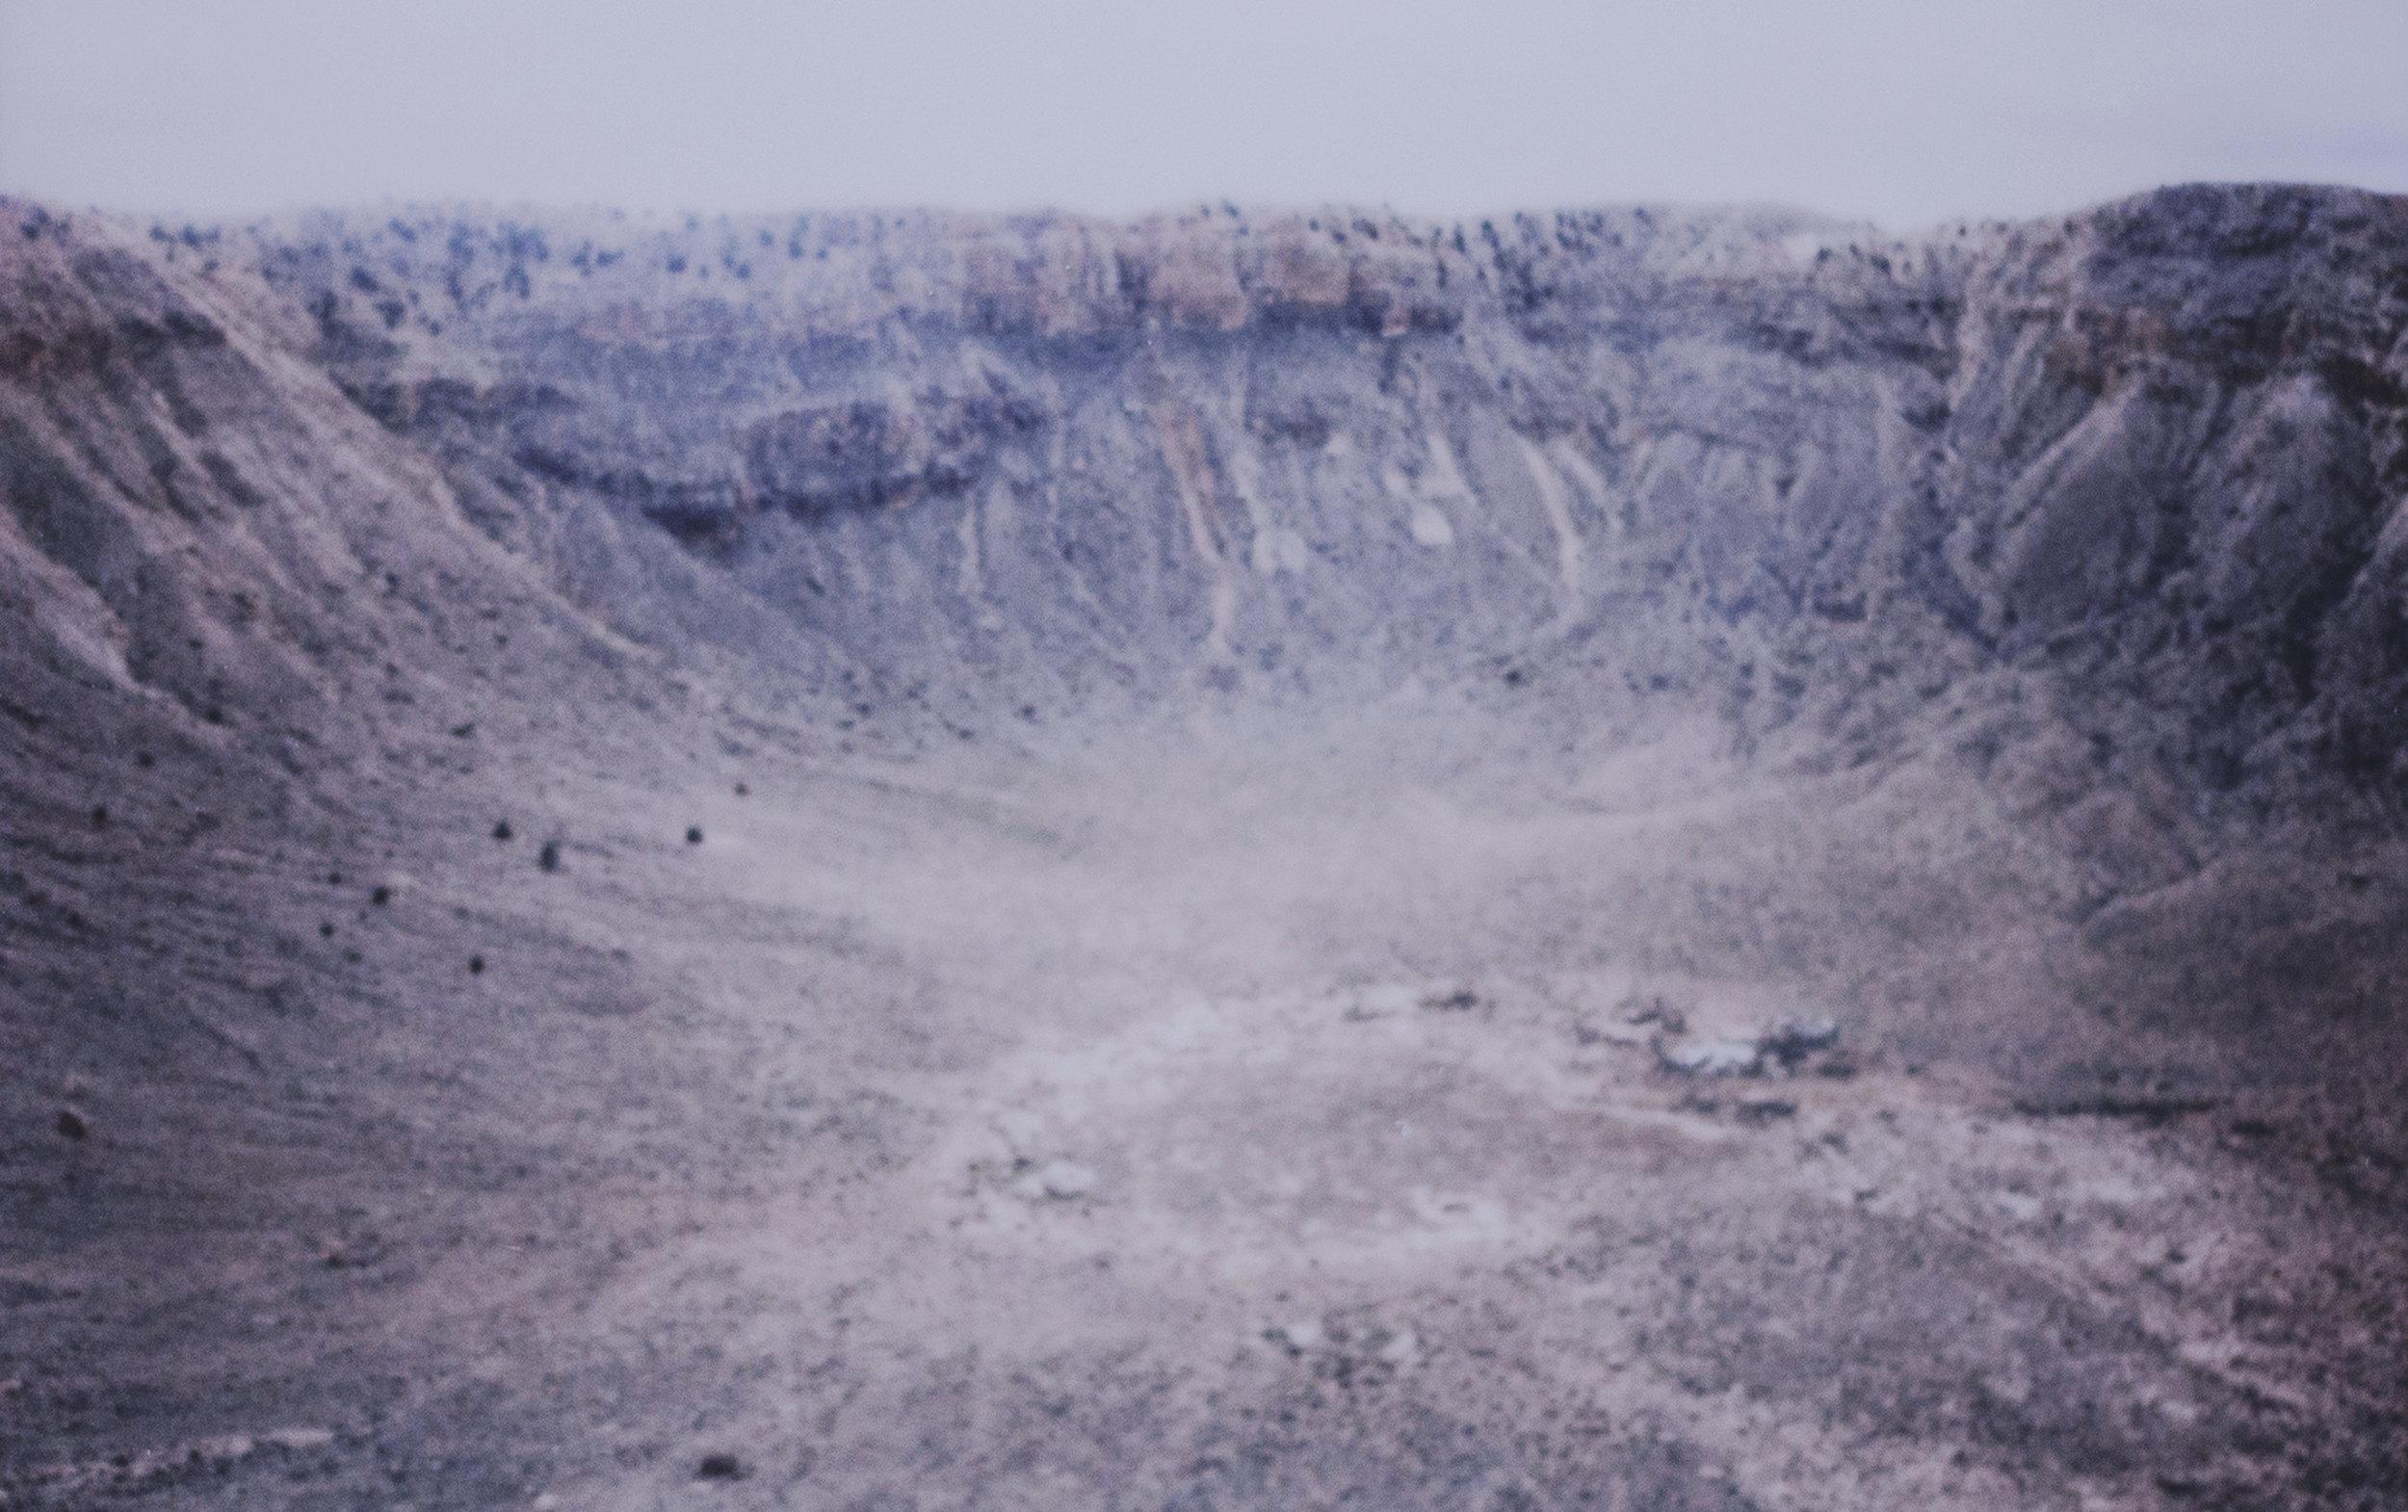 Meteor Crater (Canyon Diablo), Arizona : 50.000 ans ; 7.1% Ni; 0.46% Co; 0.26% P; 1% C; 1% S; 80ppm Ga; 320ppm Ge; 1,9ppm Ir © SMITH